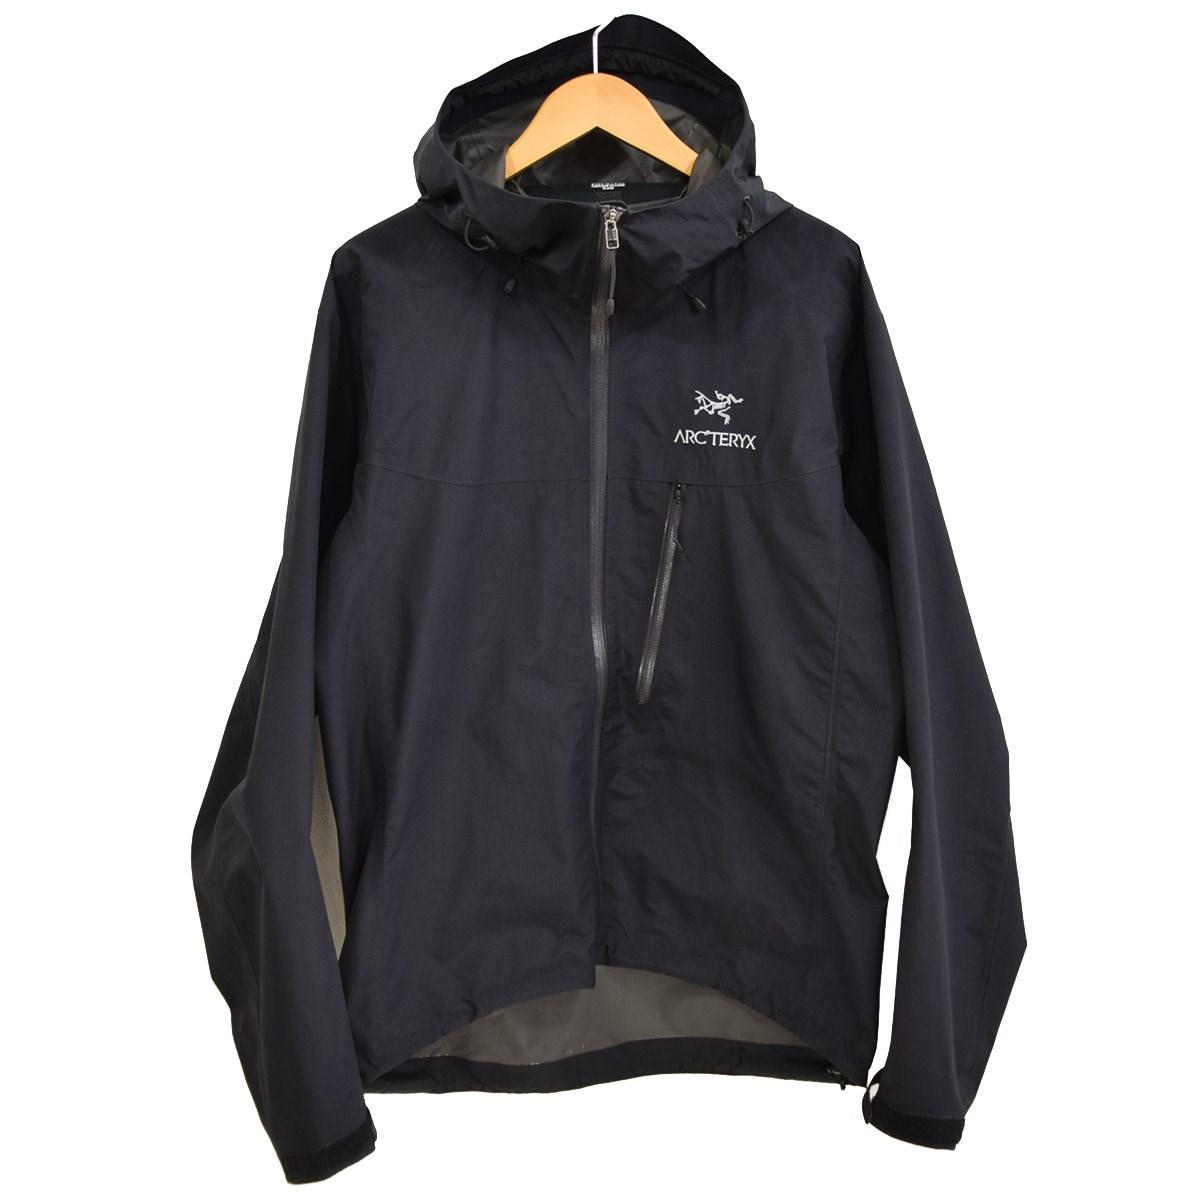 【中古】ARCTERYX Alpha SL Jacket アルファシェルジャケット ゴアテックス 15179 ブラック サイズ:M 【200220】(アークテリクス)